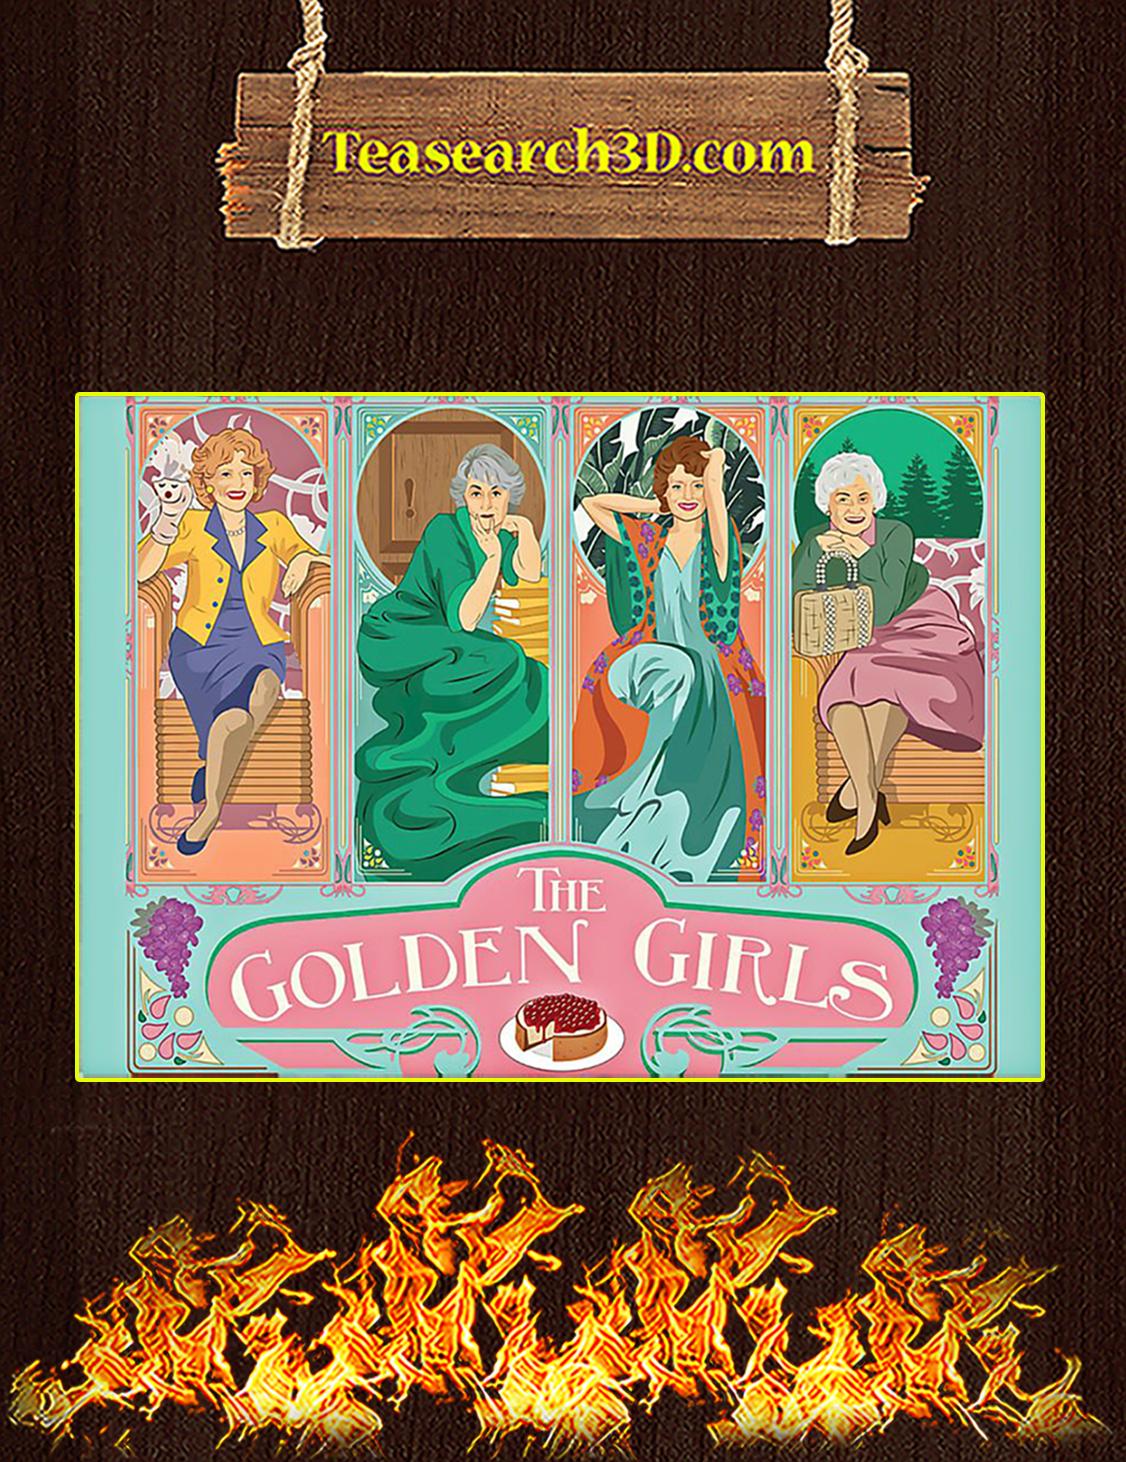 Golden girls poster A3